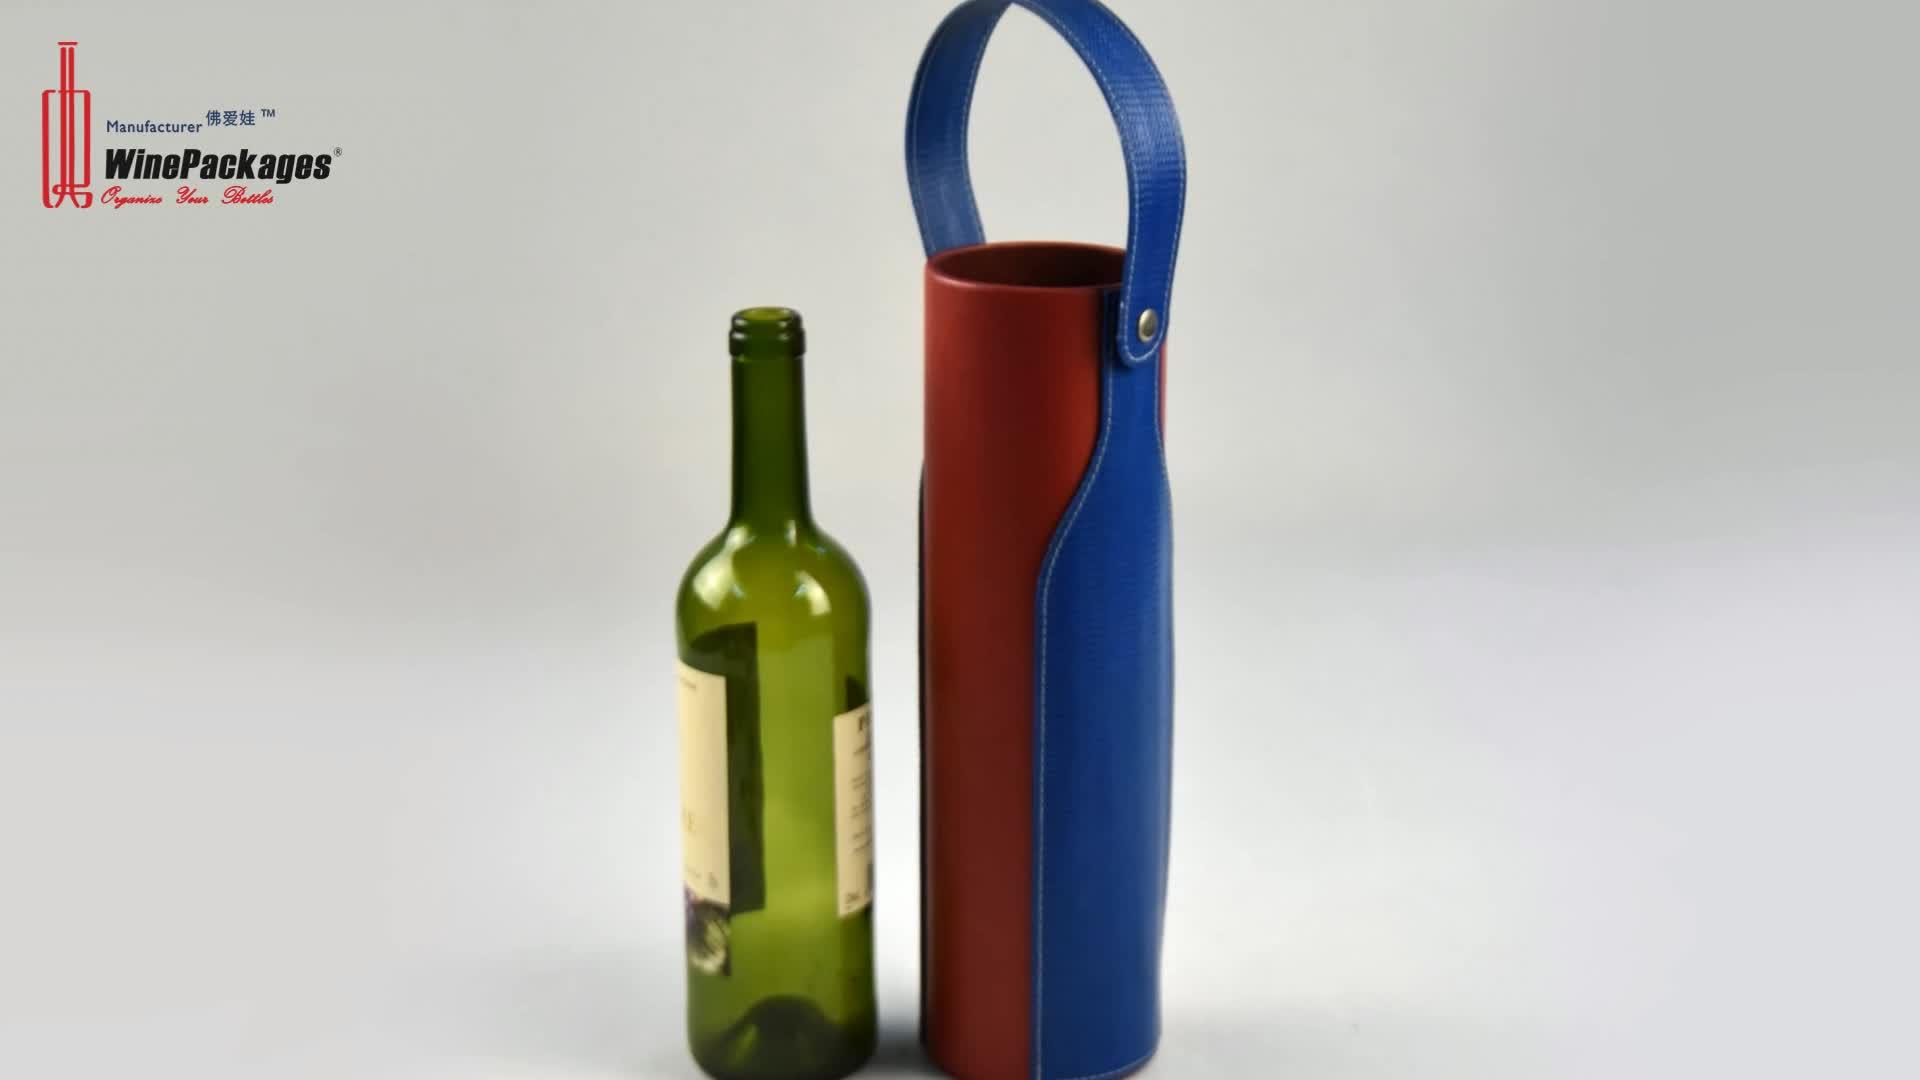 Angepasst runde einzelne flasche geschenk leder wein box mit griff für elegante wein geschenk box